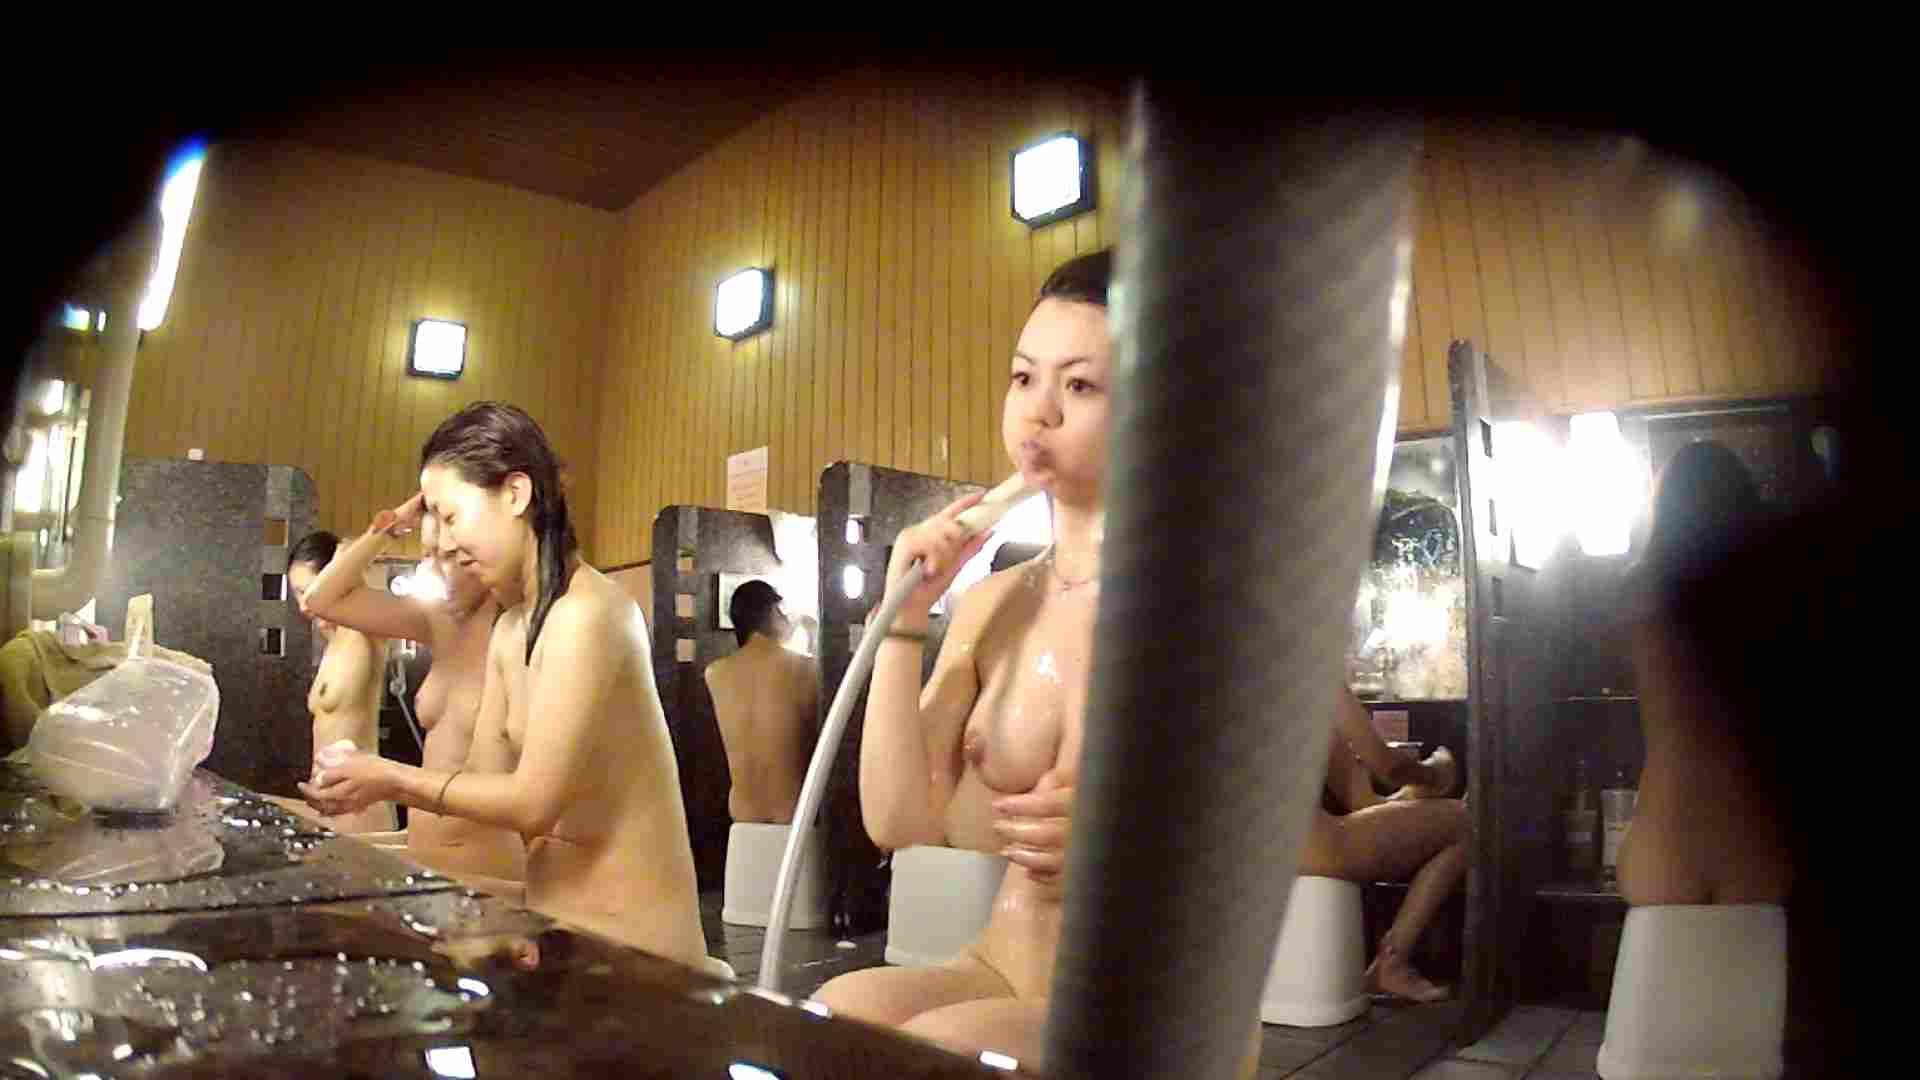 エロ動画:ハイビジョン 洗い場!ちょっとケバいですが、美乳です!ホースが・・・:怪盗ジョーカー